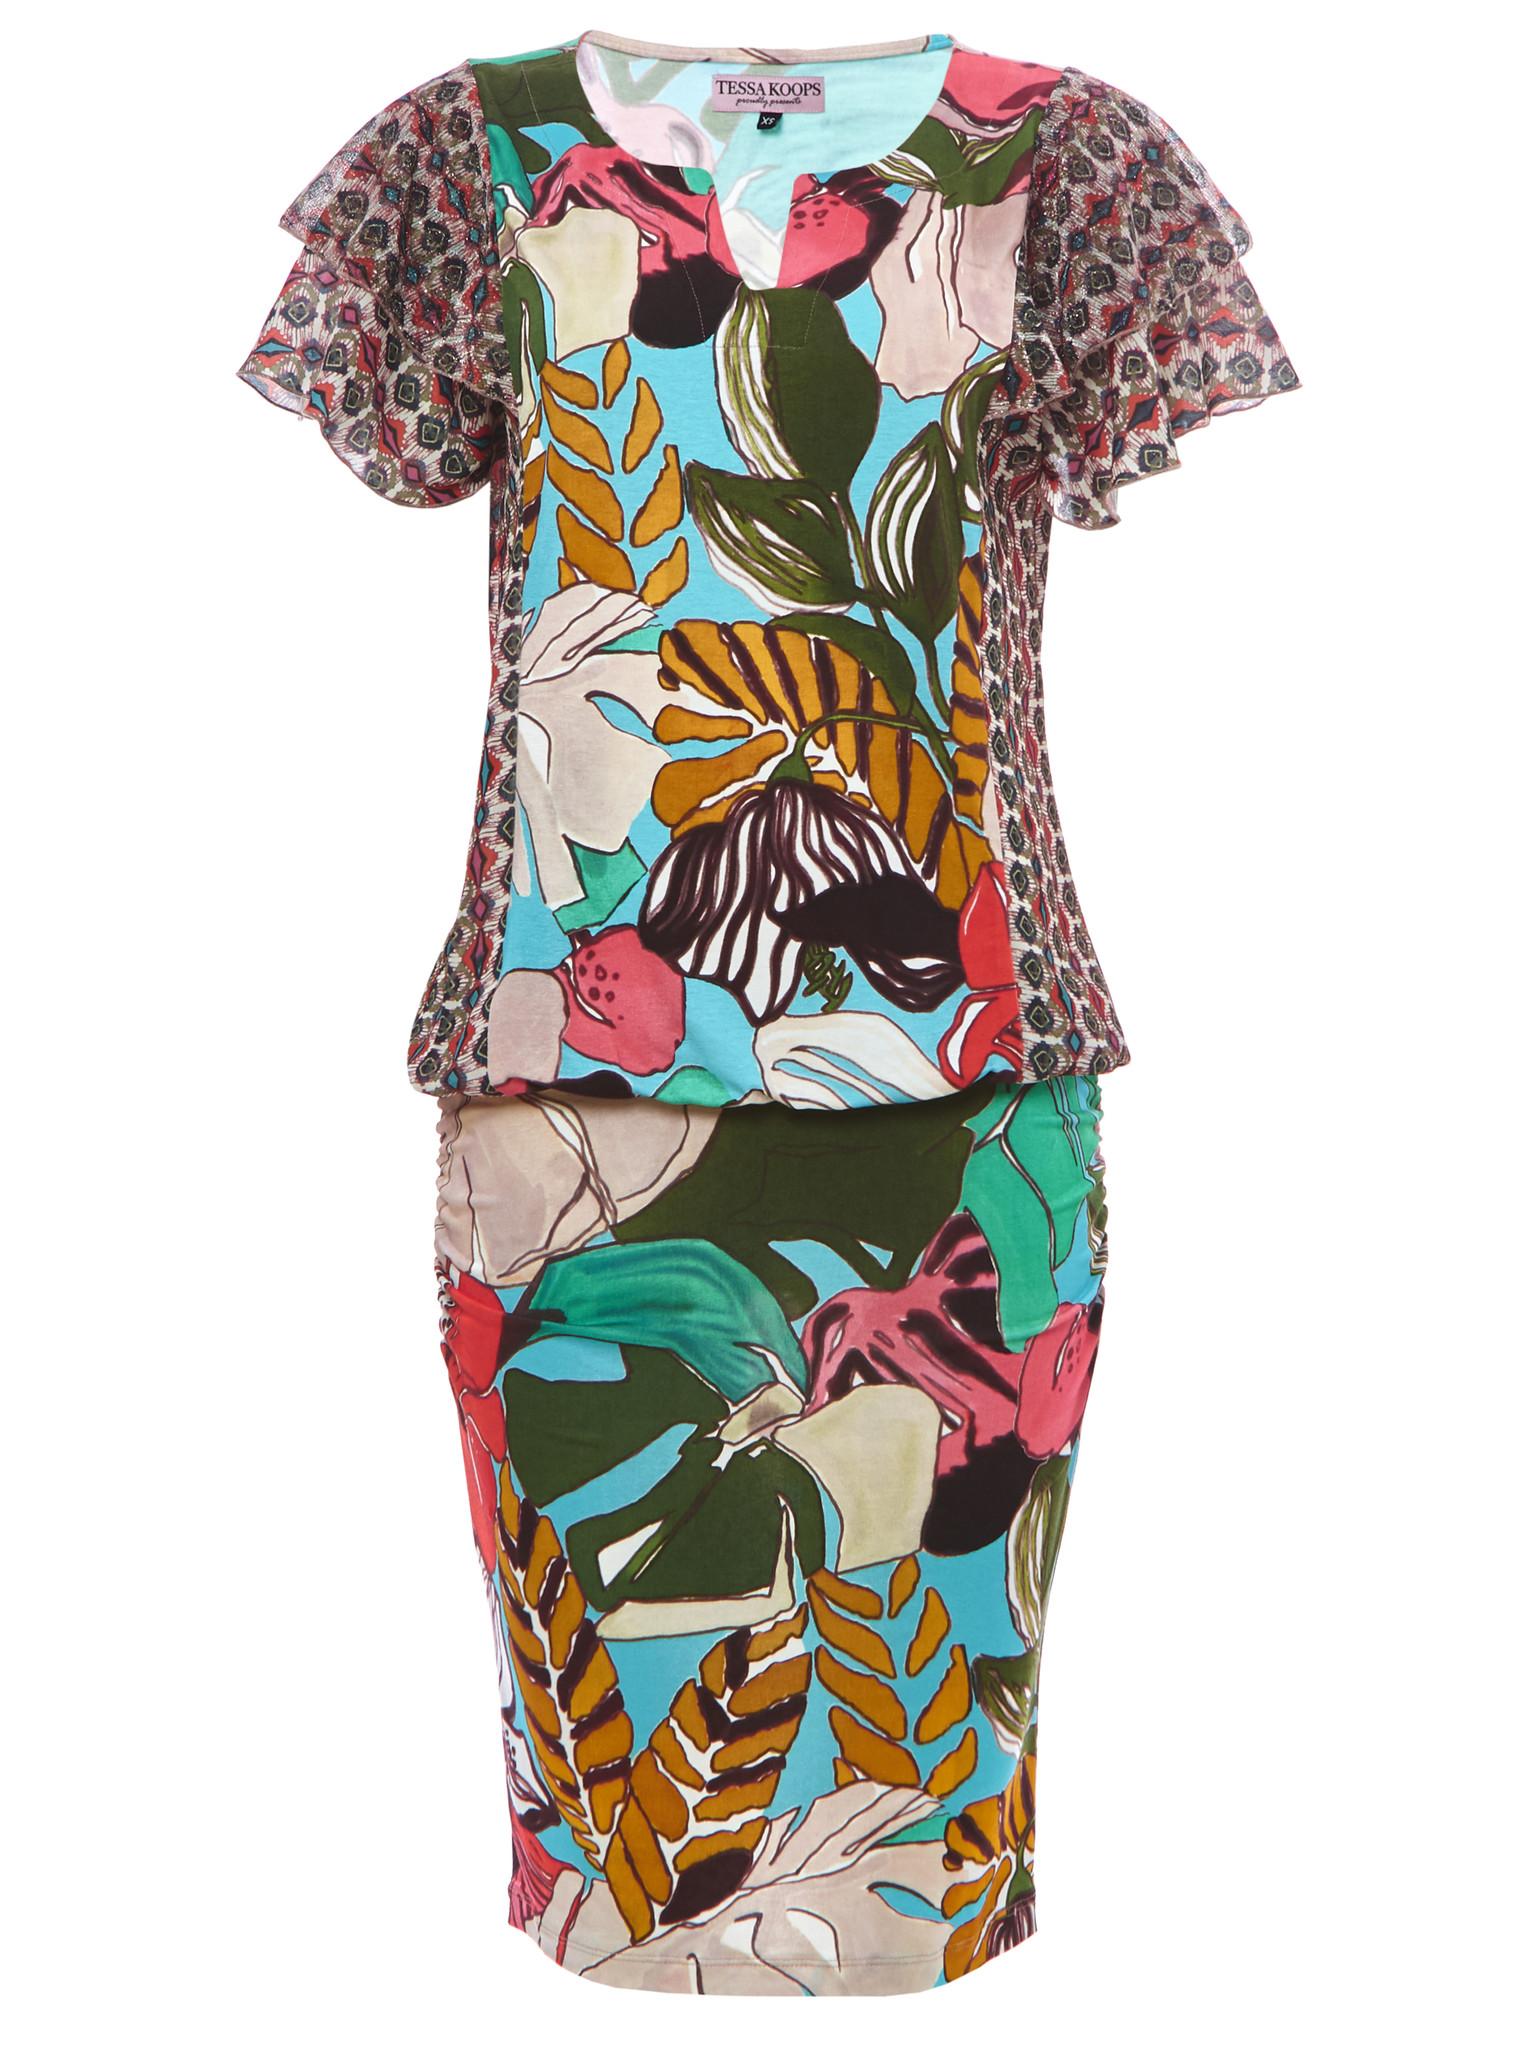 TESSA KOOPS SHEILA MALAGA DRESS